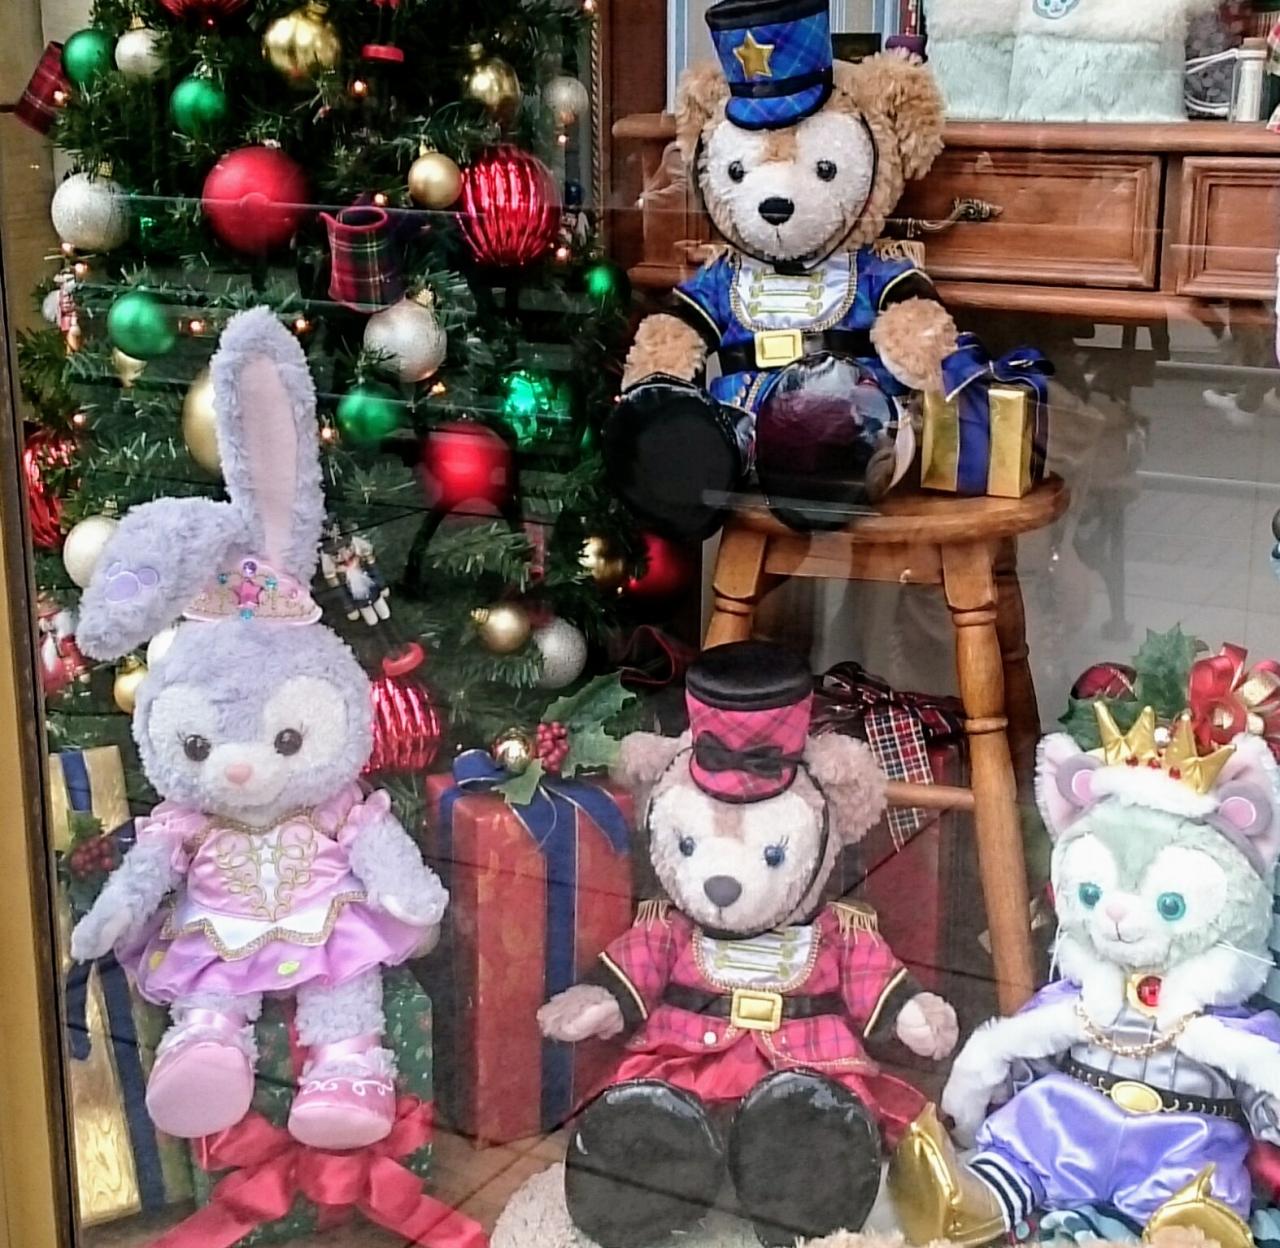 2017/12月 ディズニー大好きシニア夫婦の☆ディズニーシー クリスマス